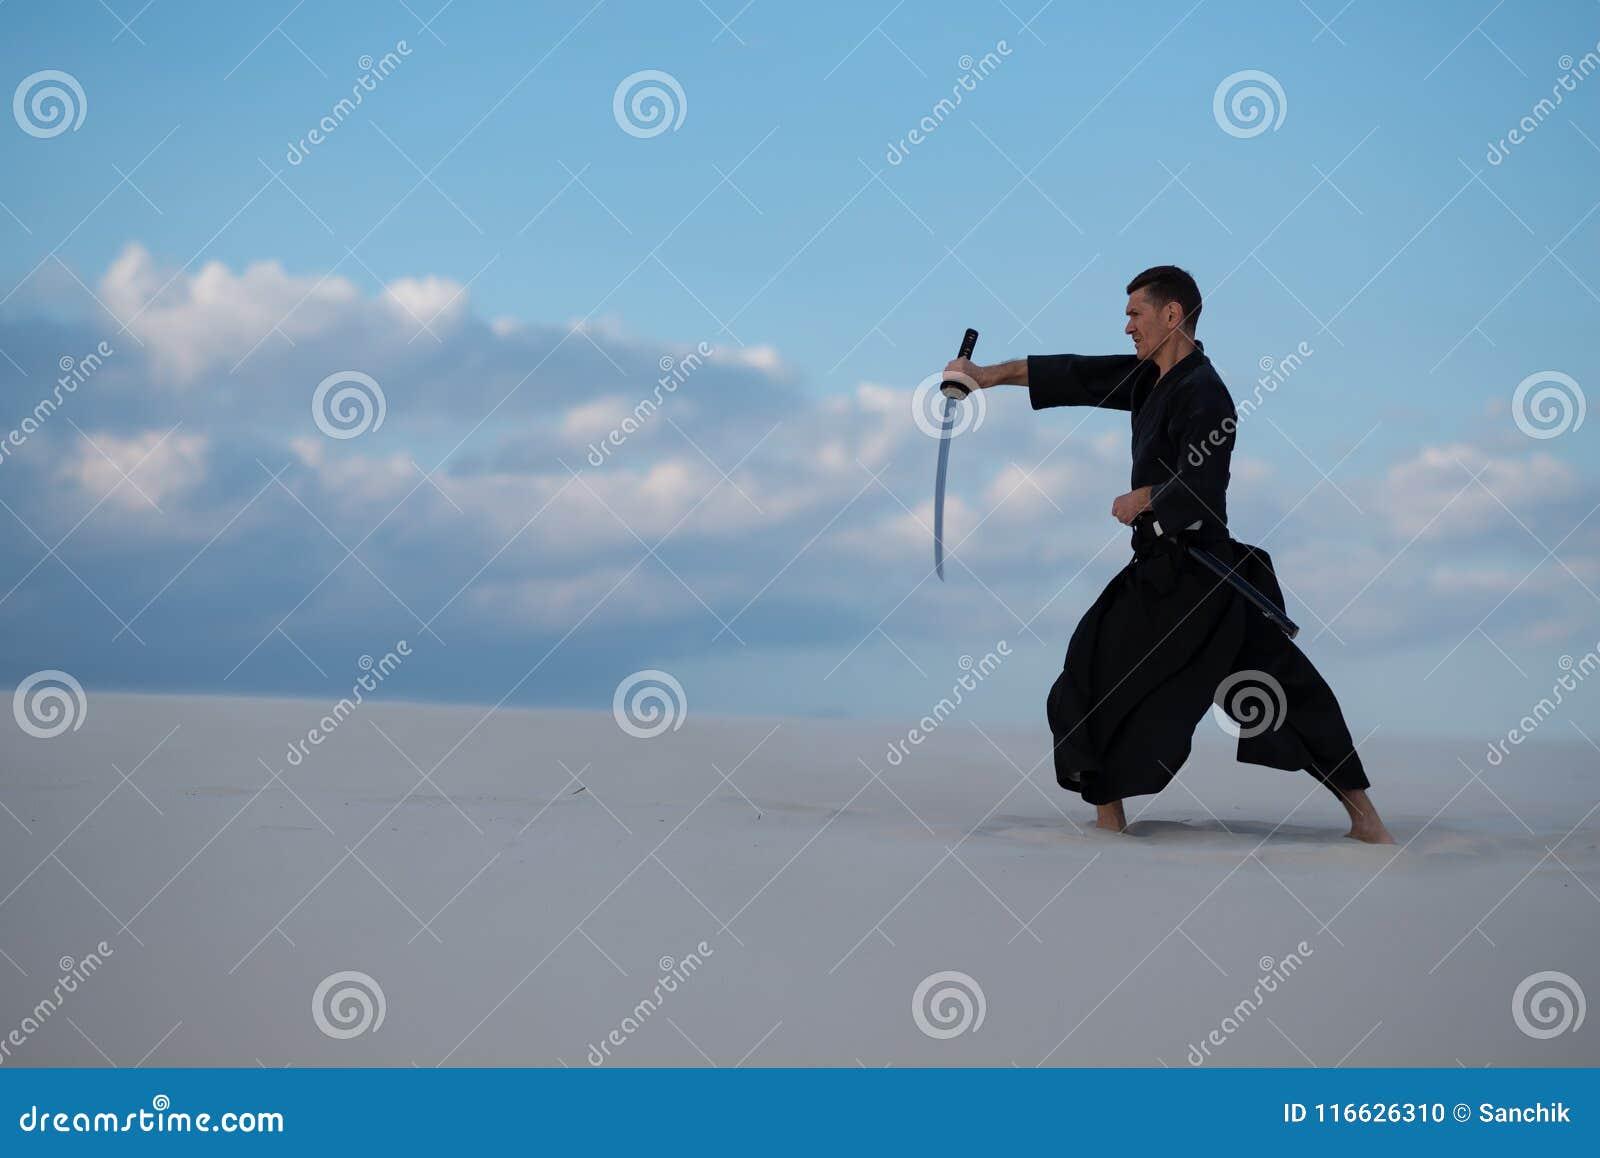 El hombre enfocado, en ropa japonesa tradicional, está practicando el centro comercial